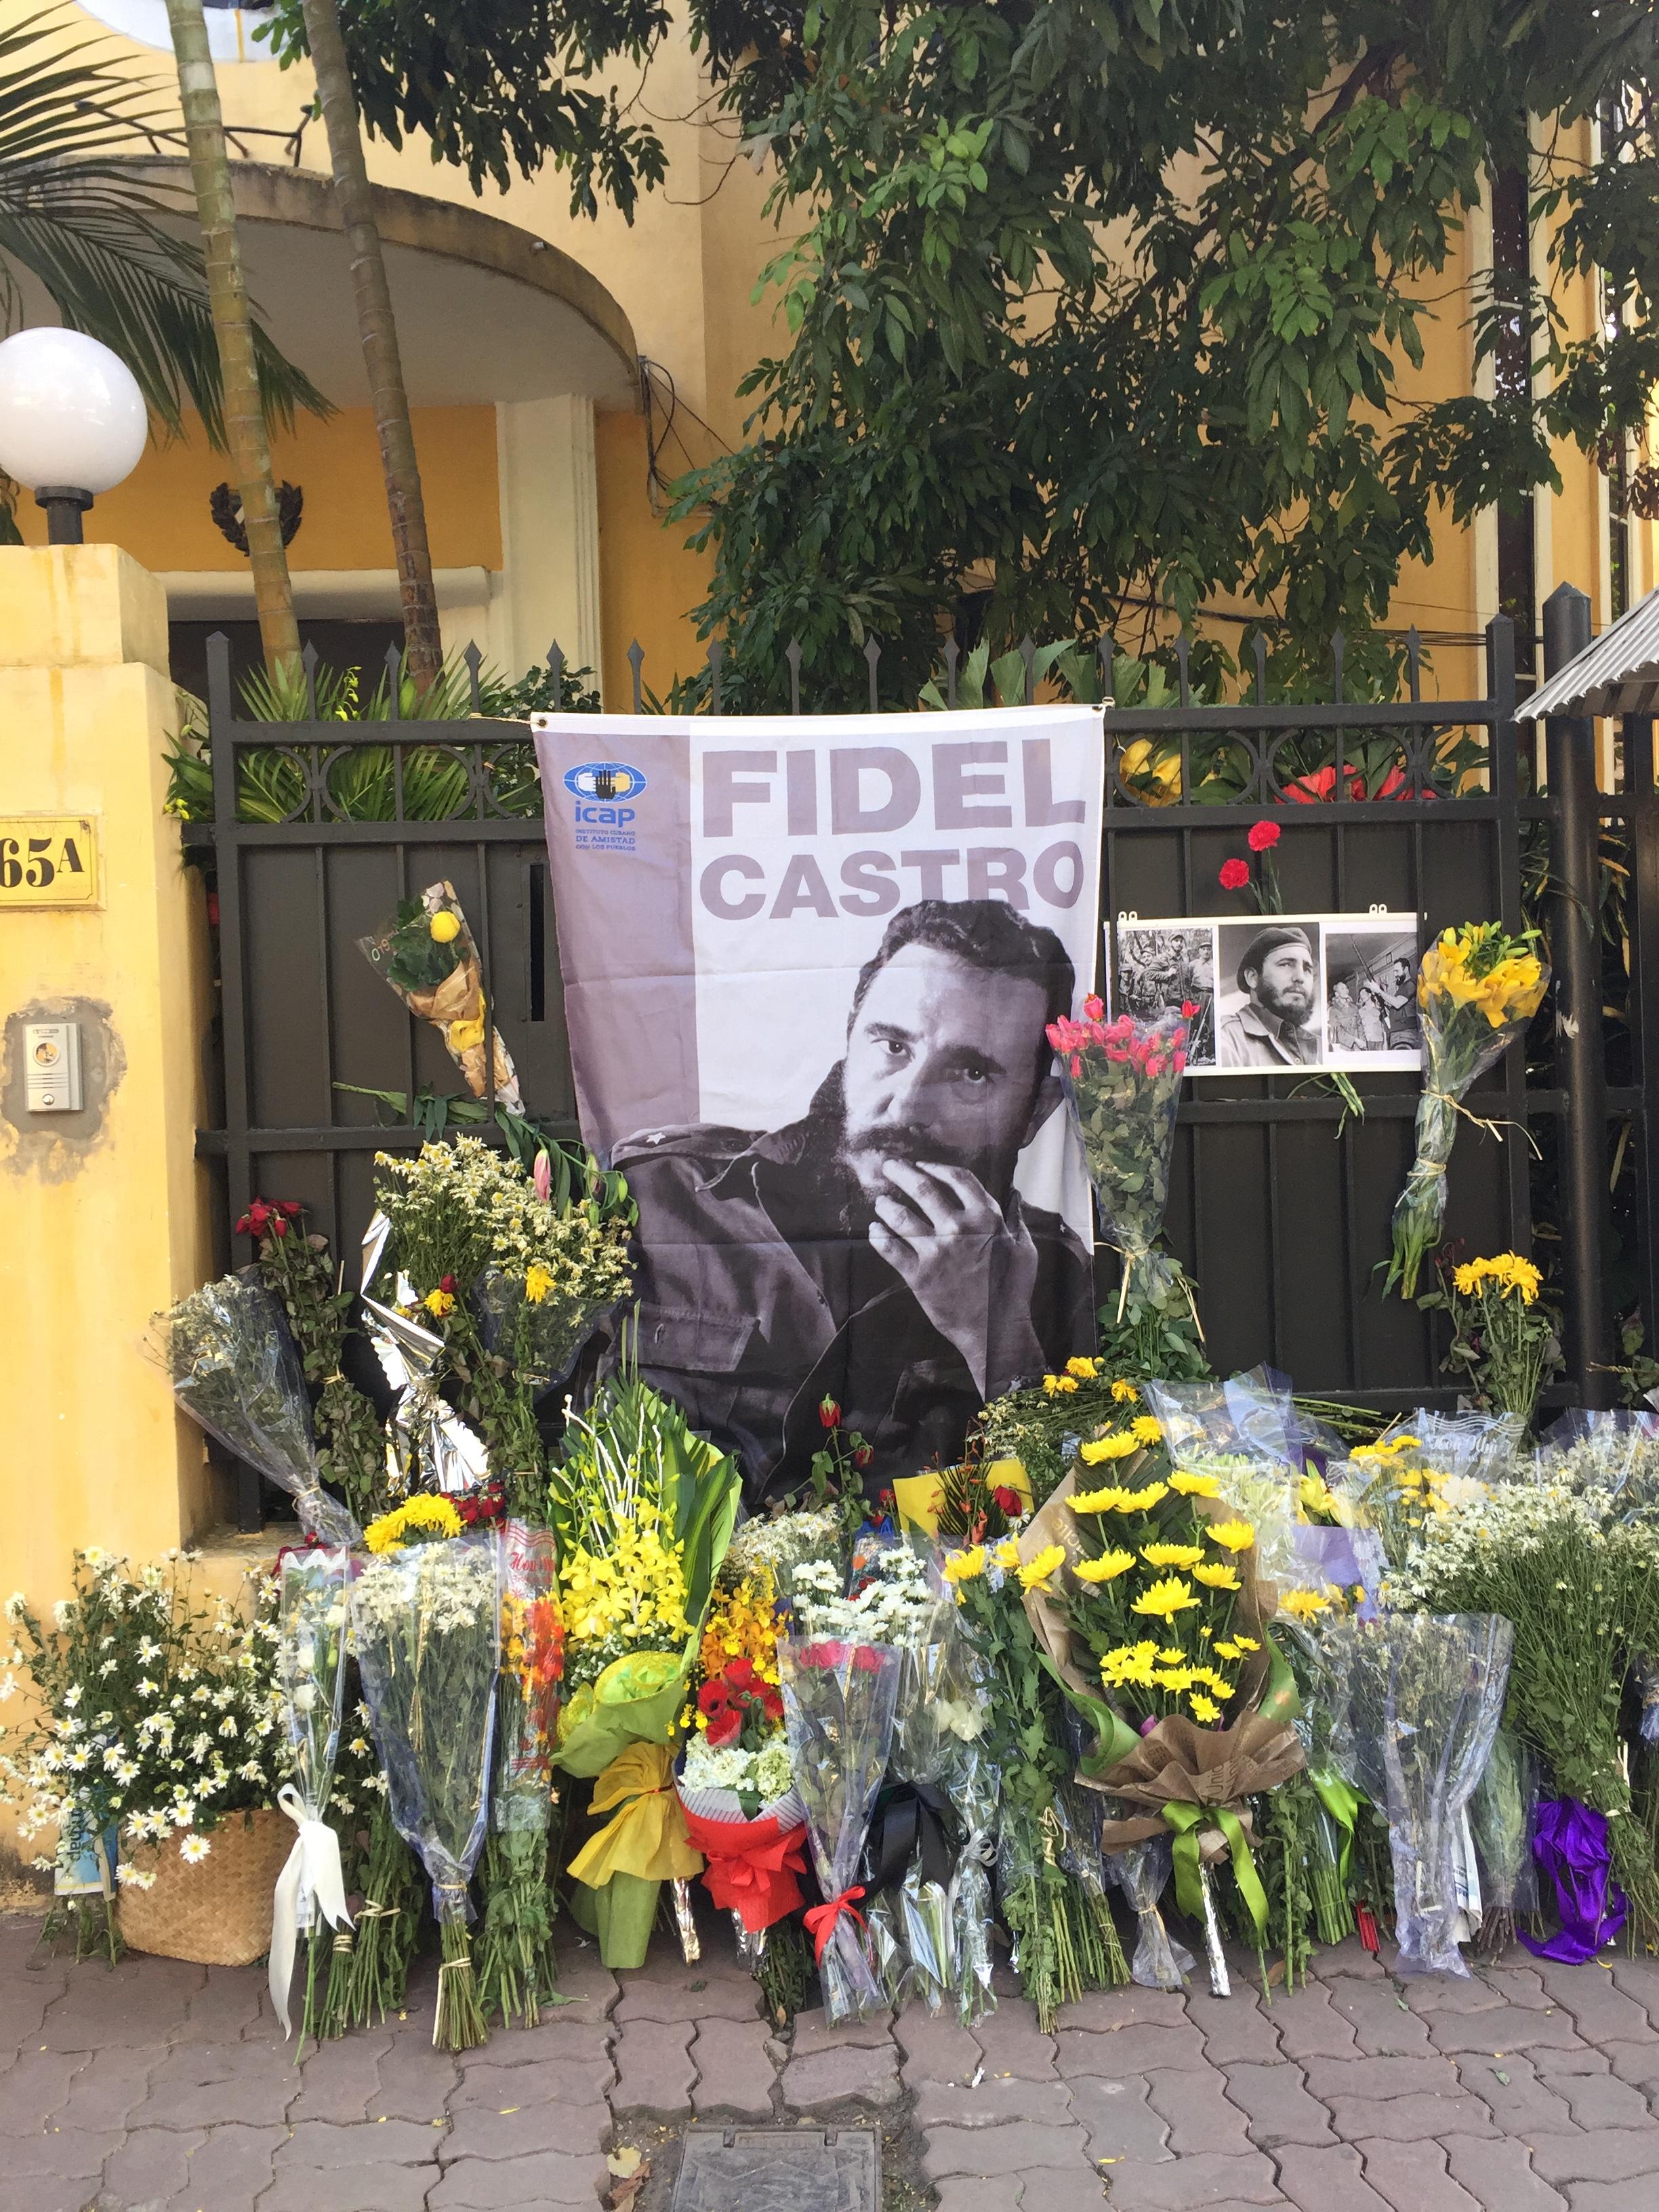 Lãnh tụ Fidel Castro Ruz luôn sống mãi trong lòng người dân Việt Nam